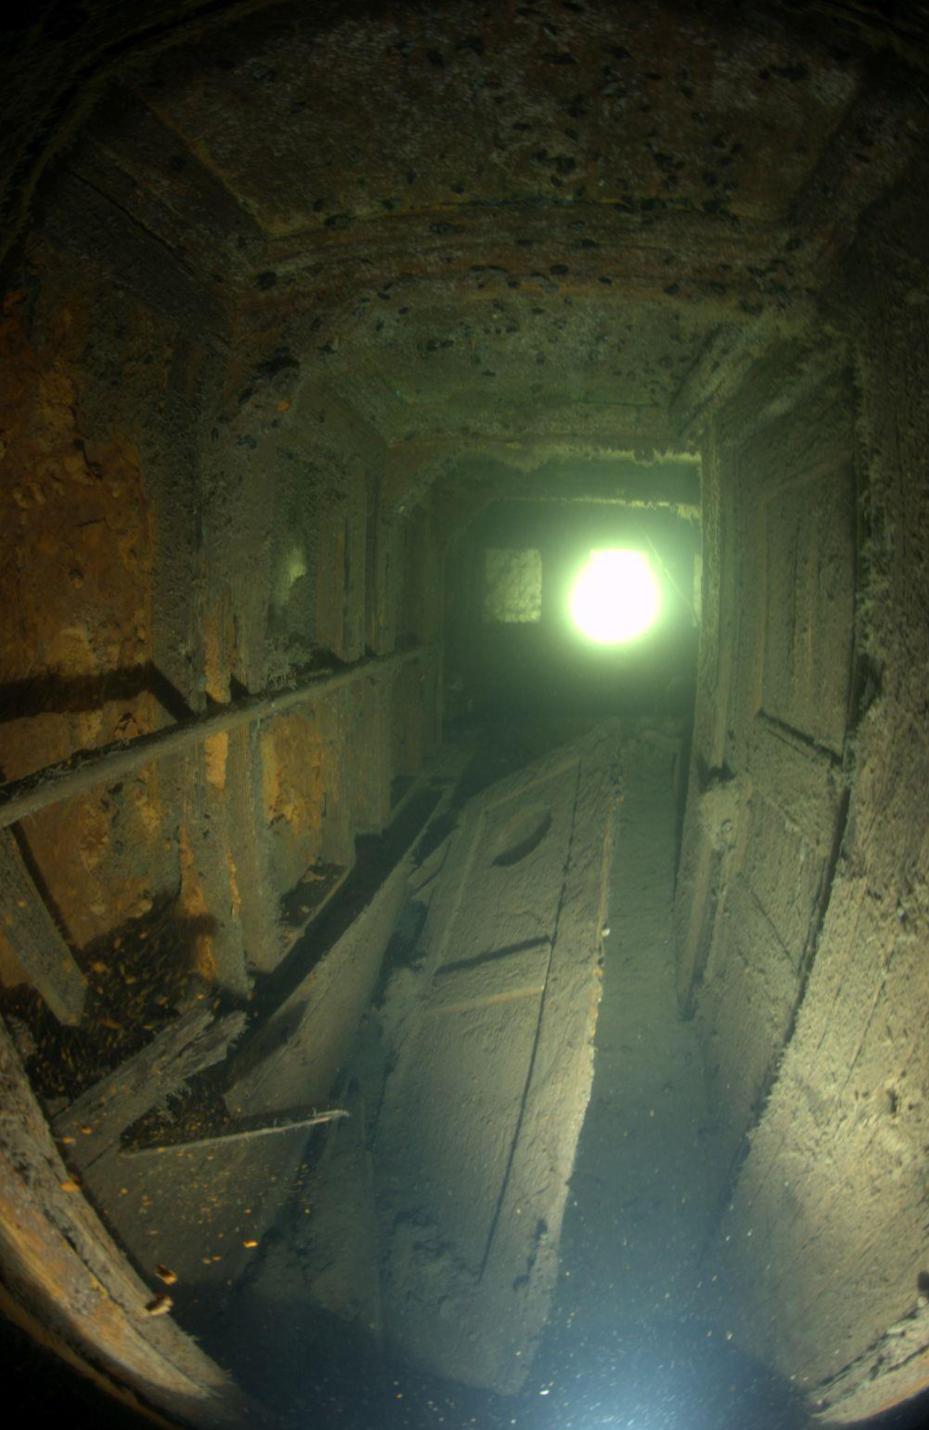 Tundmatu vraki asukoht oli kohalikele kalureile ligilähedaselt teada juba aastaid. Vrakk lokaliseeriti Eesti Meremuuseumi poolt 2002. aastal. Muinsuskaitseamet teostas vraki dokumenteerimistööd kahel aastal: 2012. aastal projekti SHIPWHER raames ja 2013. […]